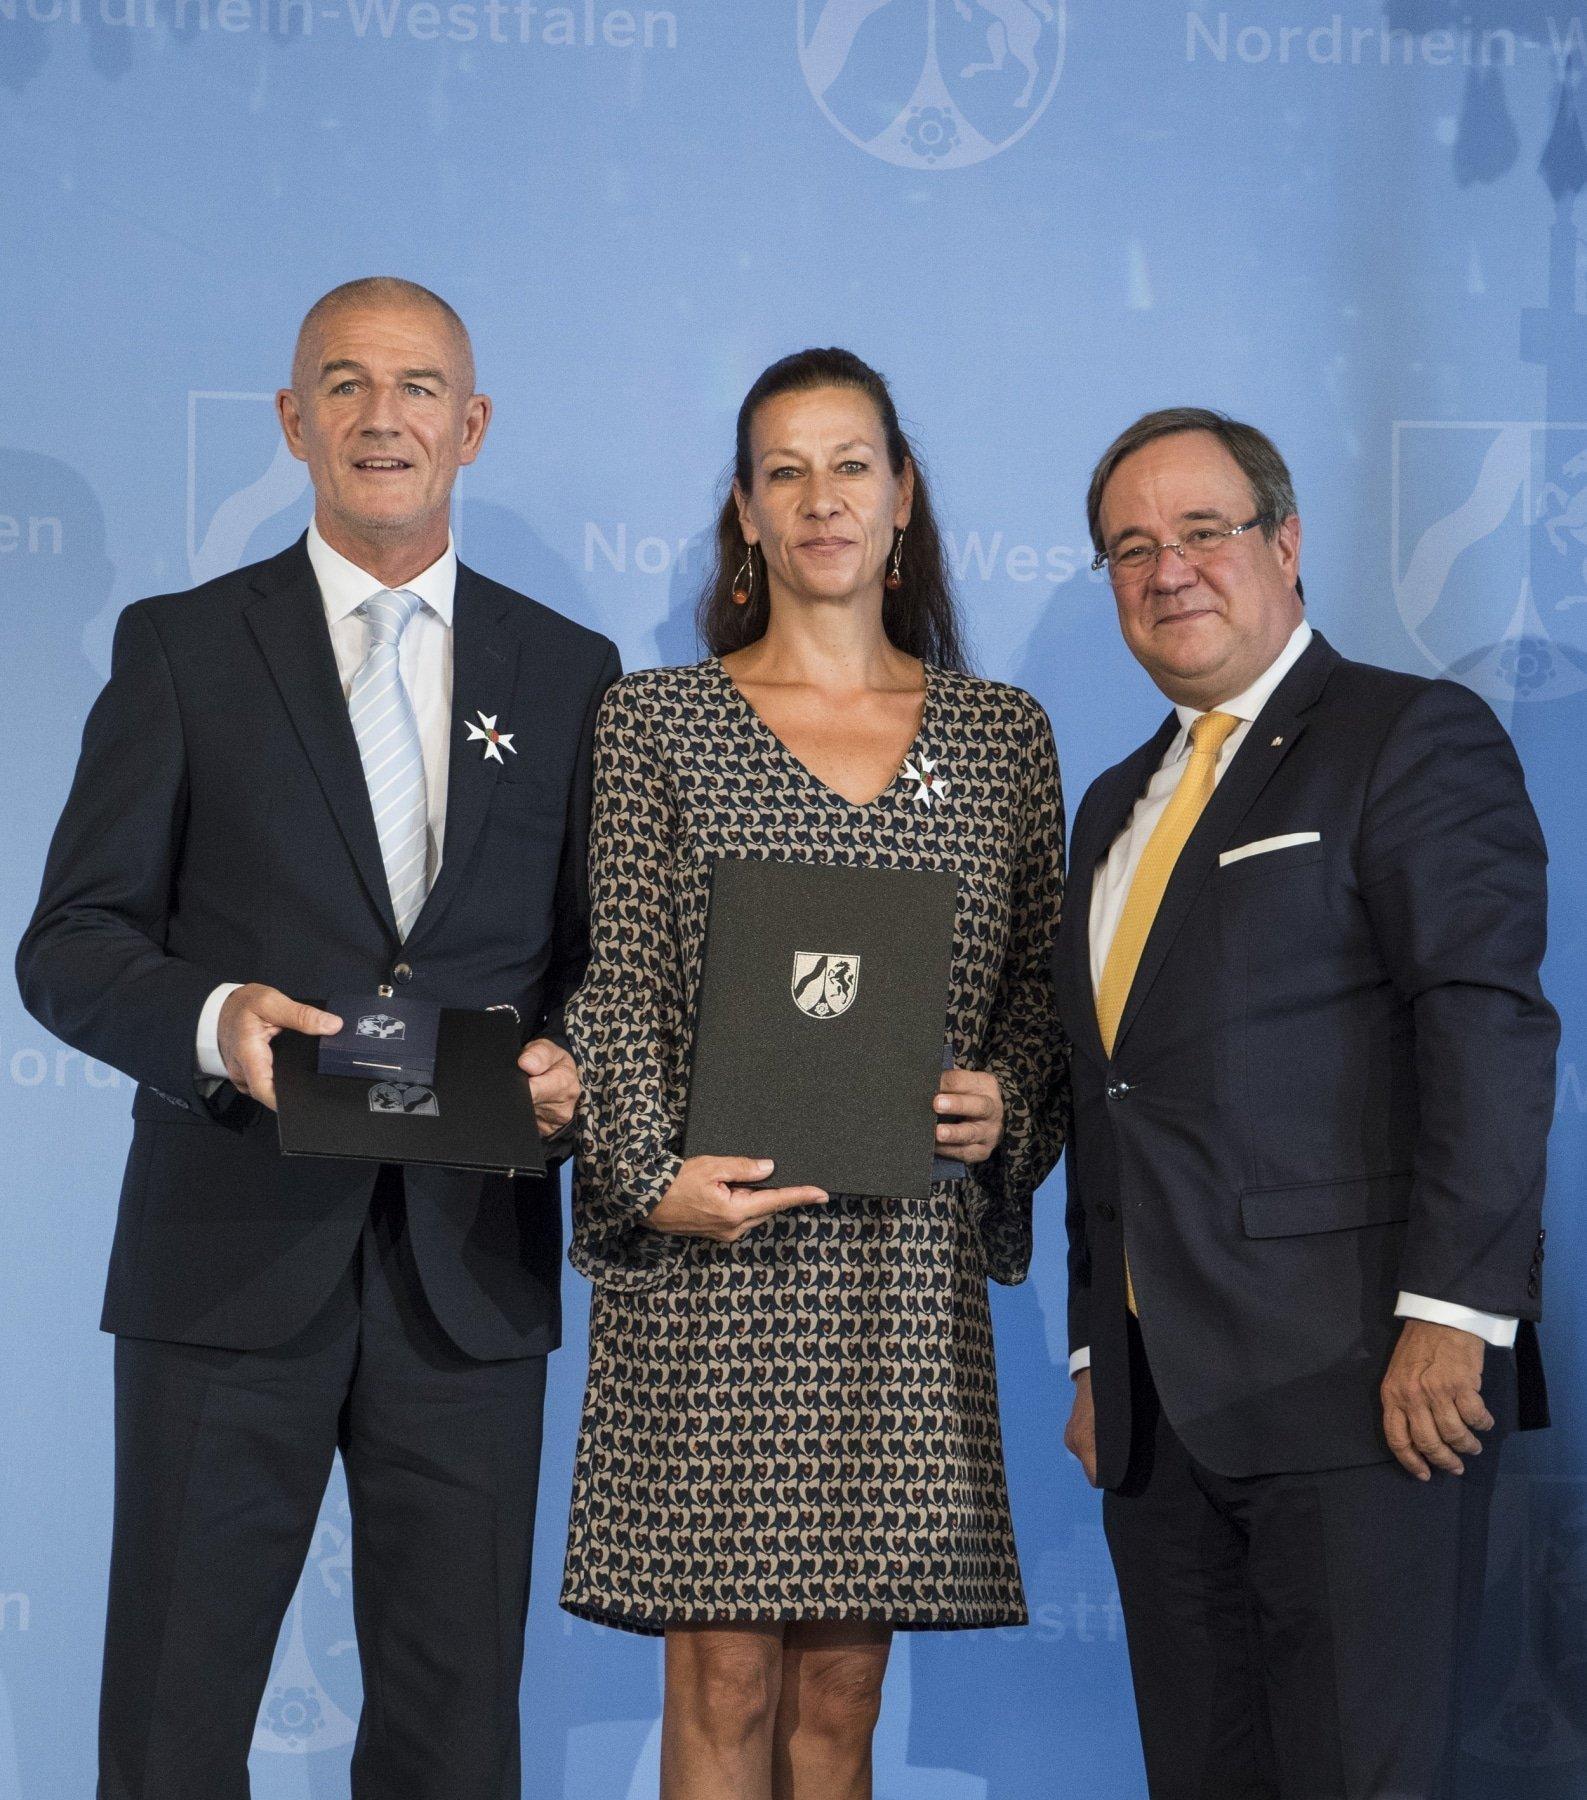 (v. l.) Bernd Krispin, Susanne Krispin und Armin Laschet während der Verleihung (Foto: Land.NRW R. Sondermann)